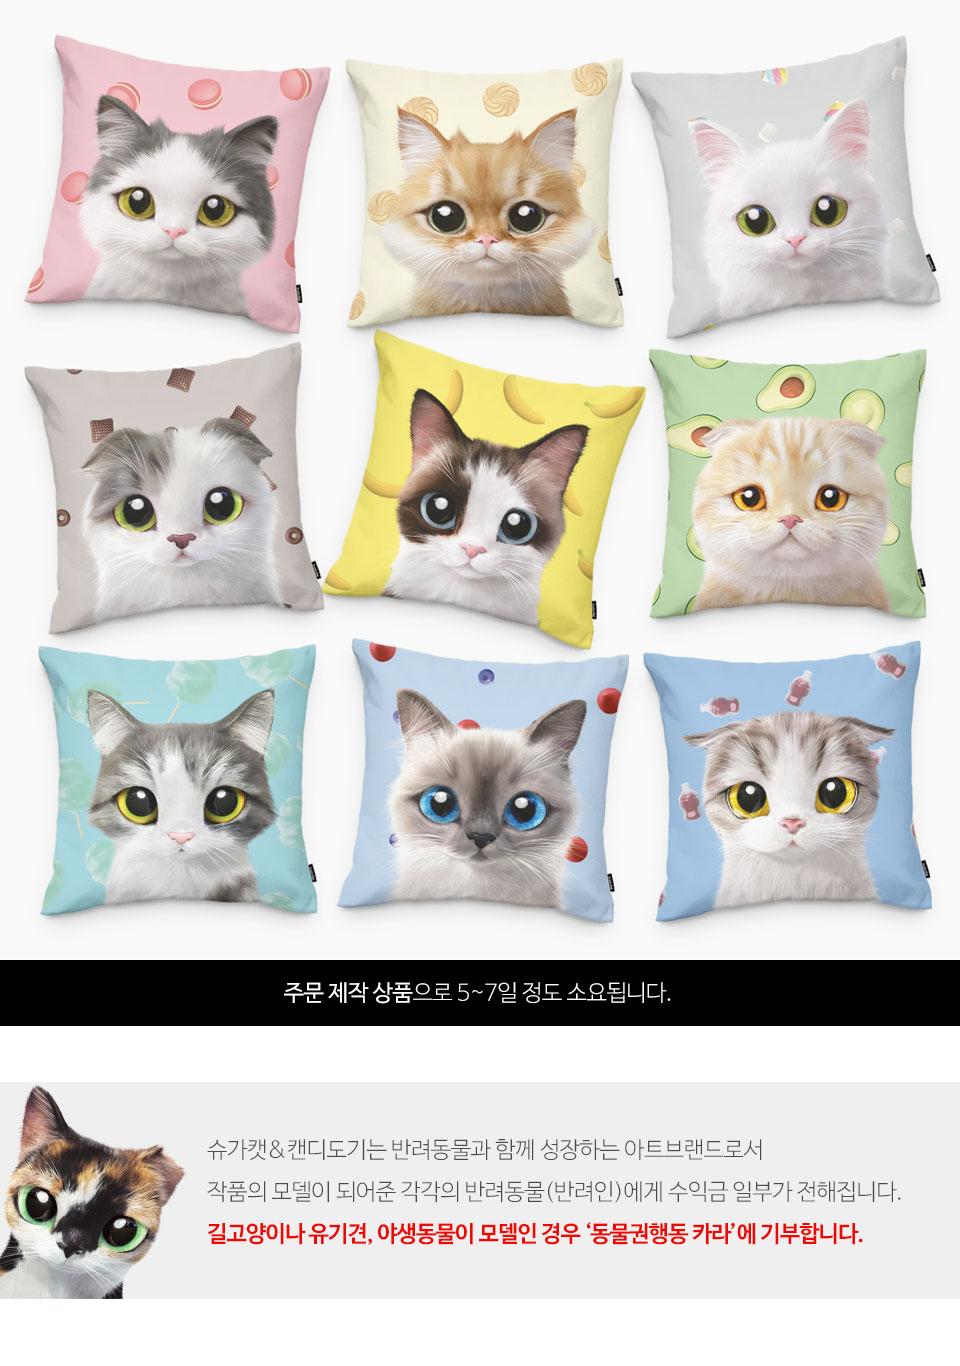 달이의 마카롱 쿠션 - 슈가캣 캔디도기, 25,000원, 쿠션, 캐릭터